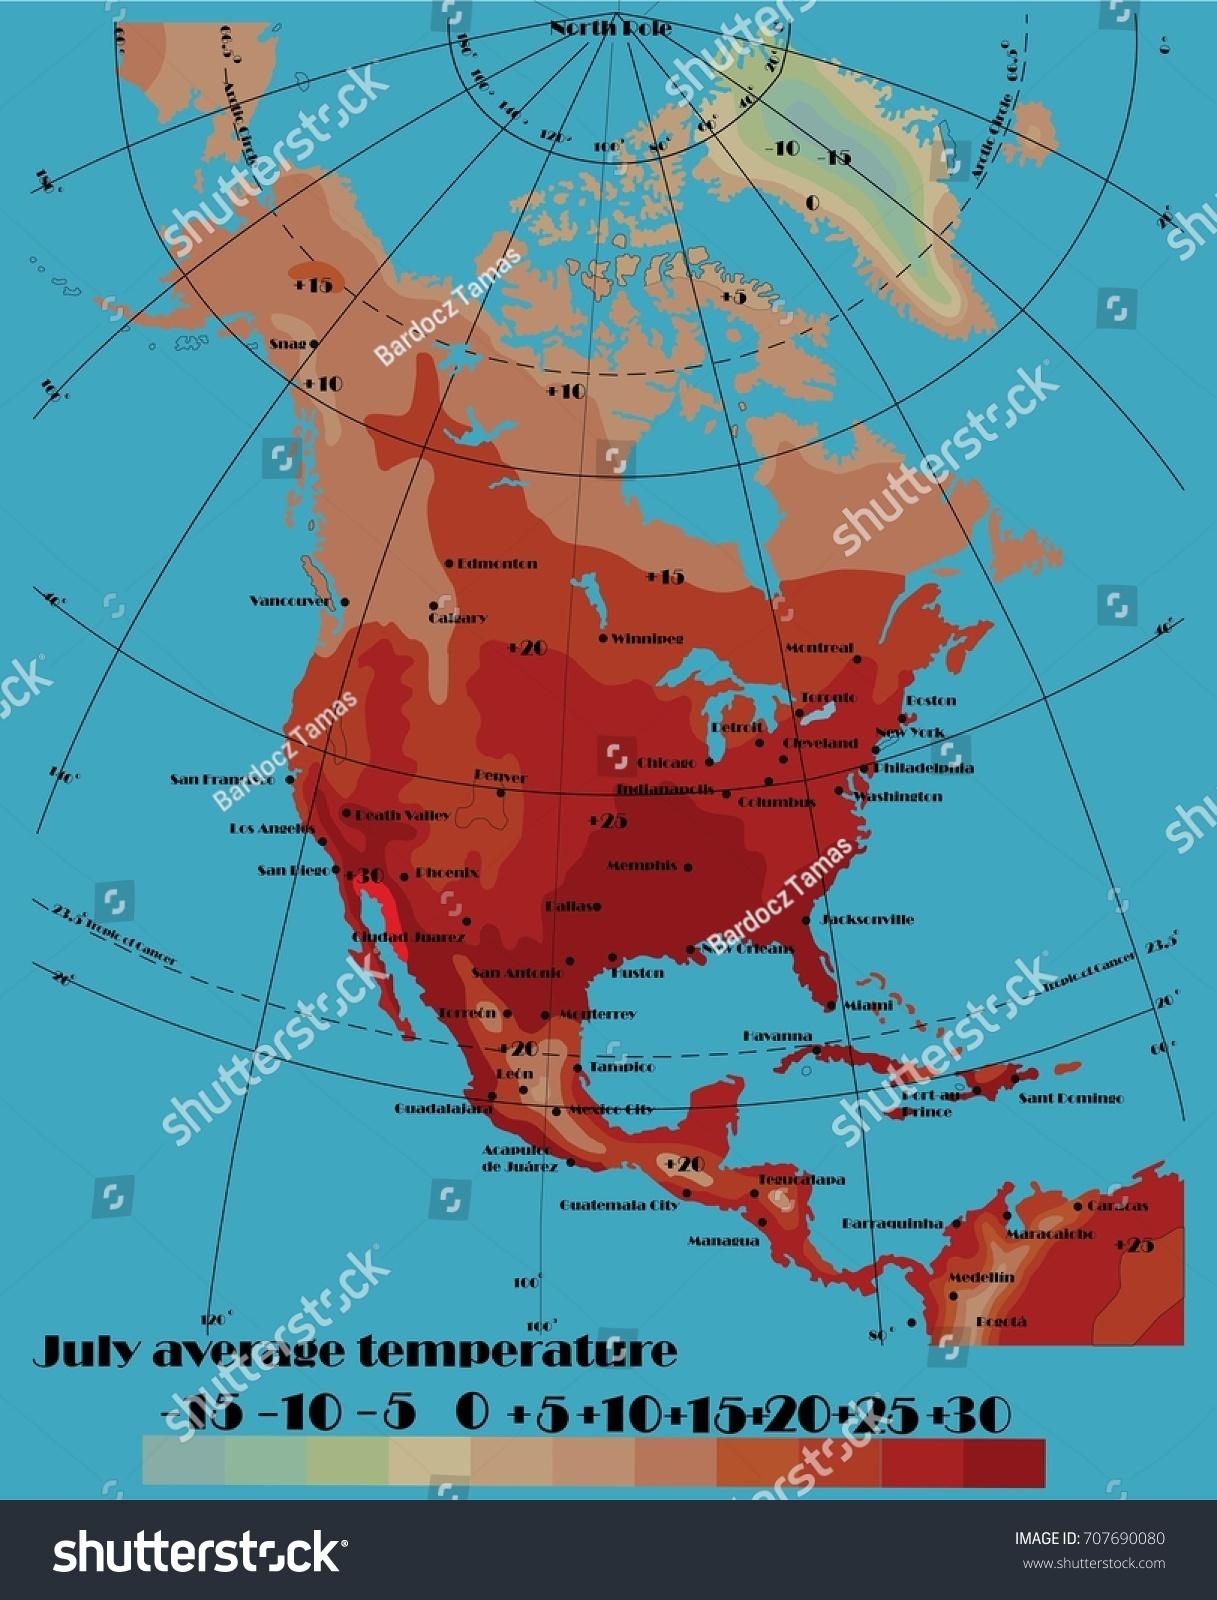 Average Temperature Map Of Us - Average temperature us map